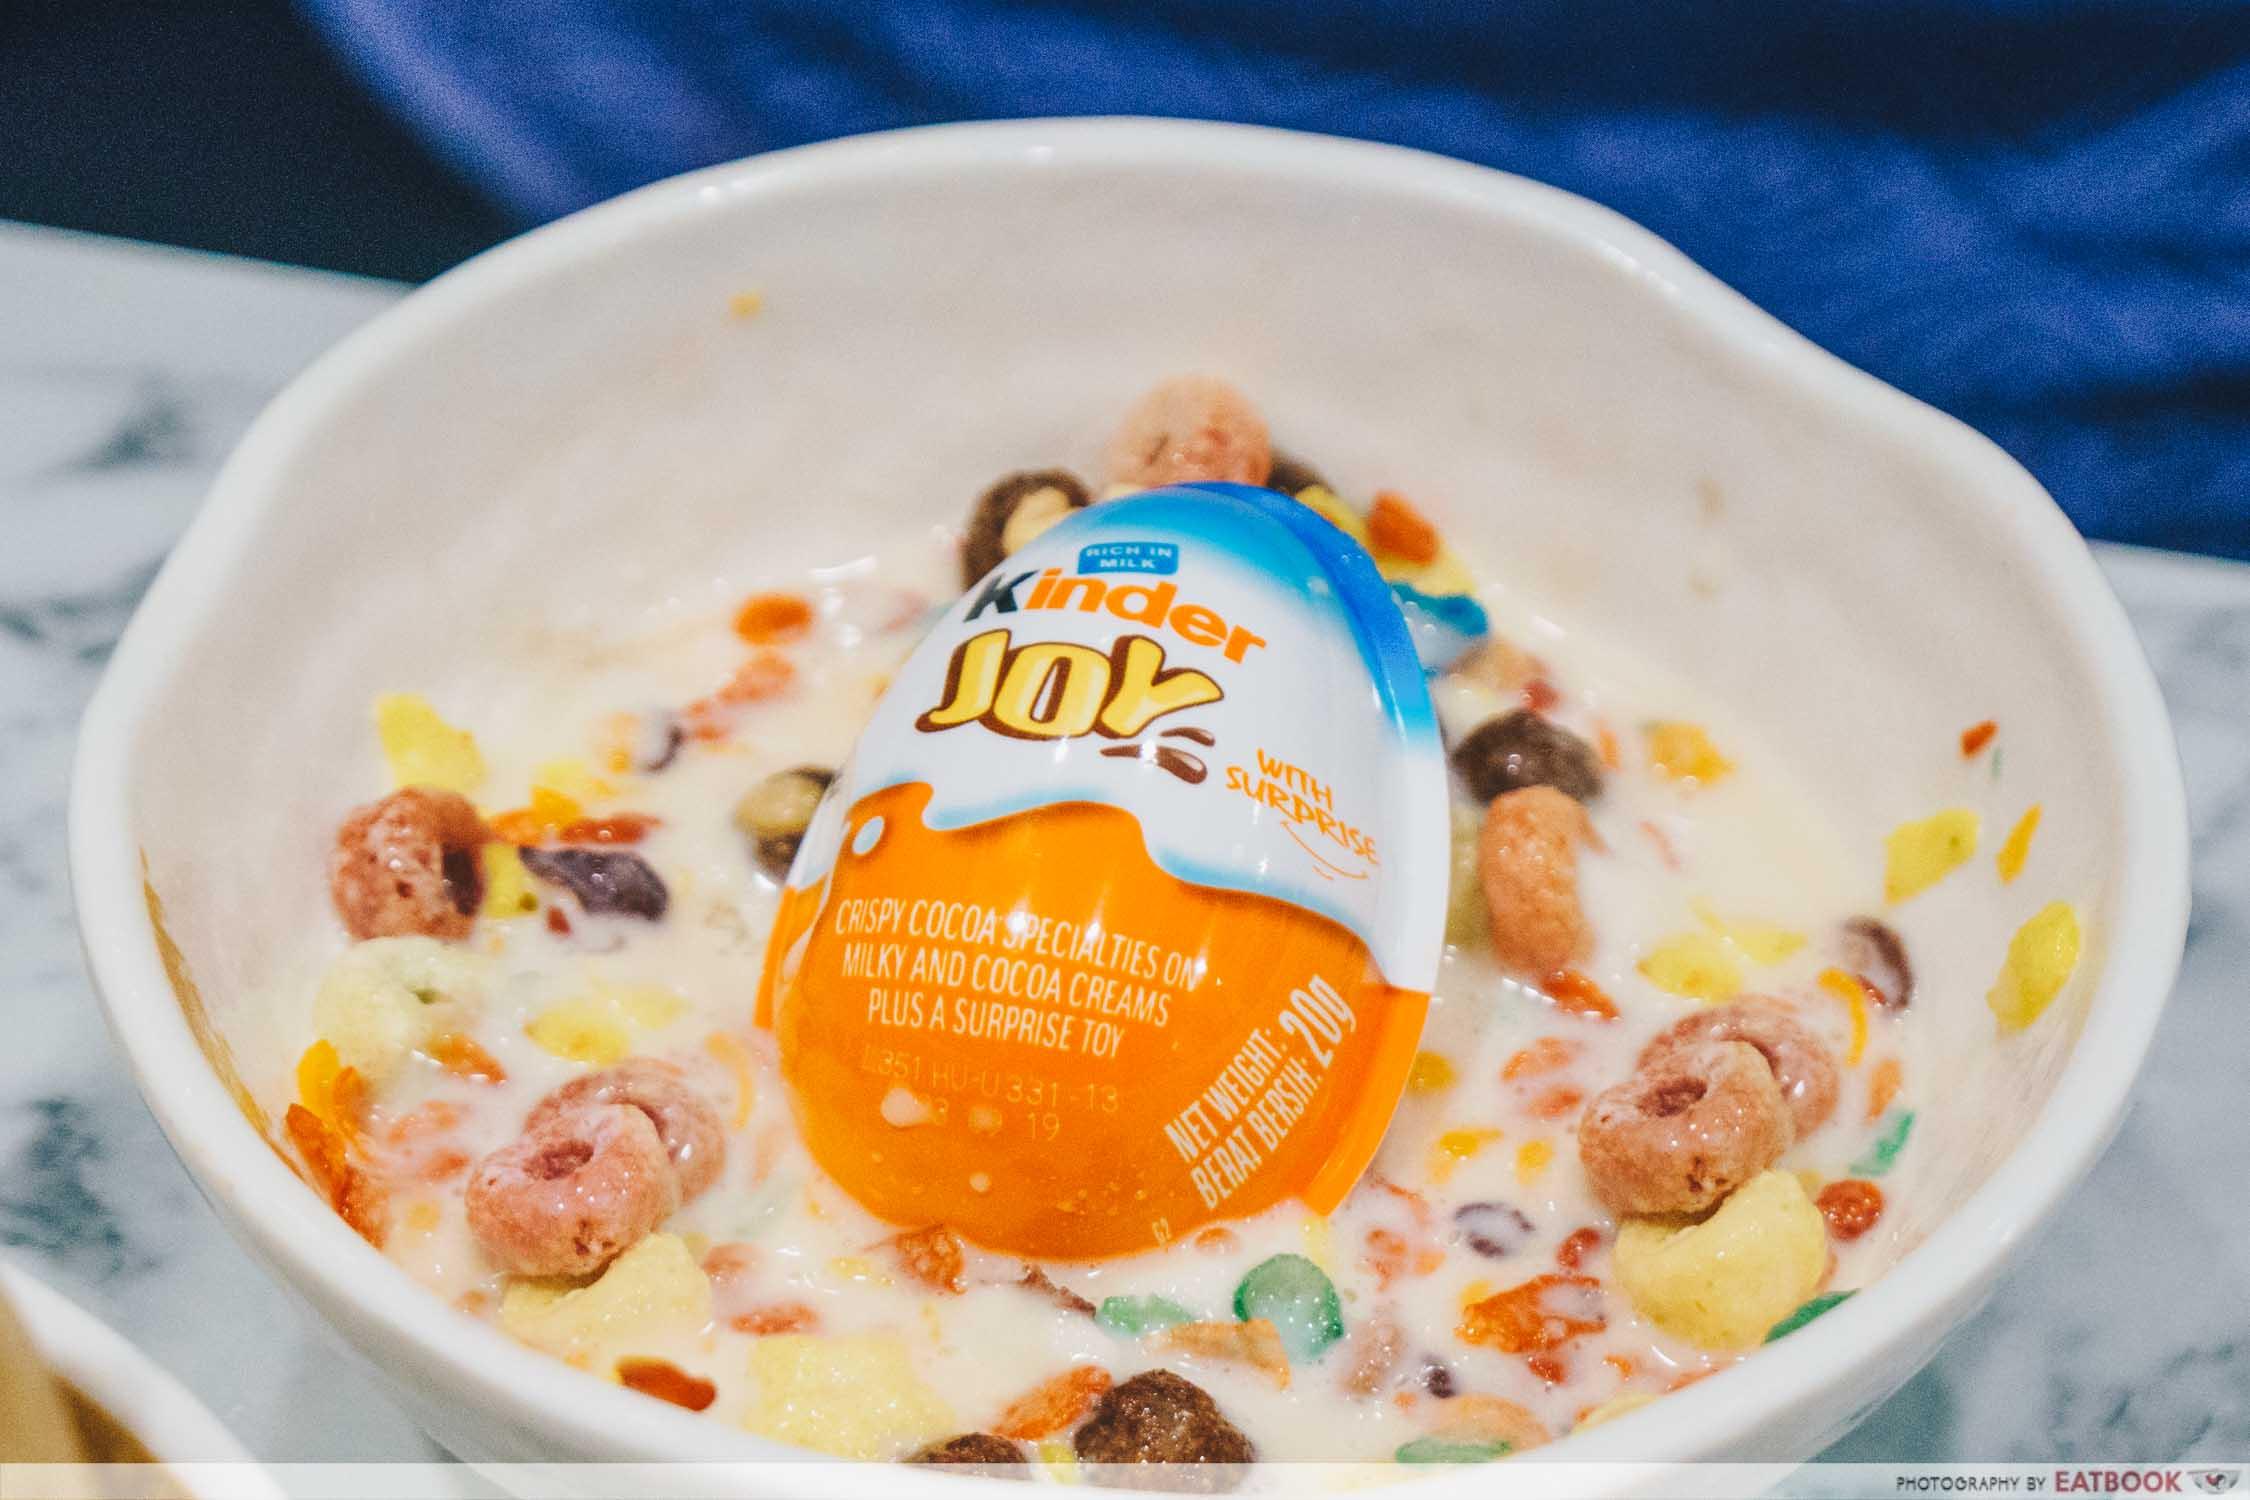 Kinder Joy in a bowl